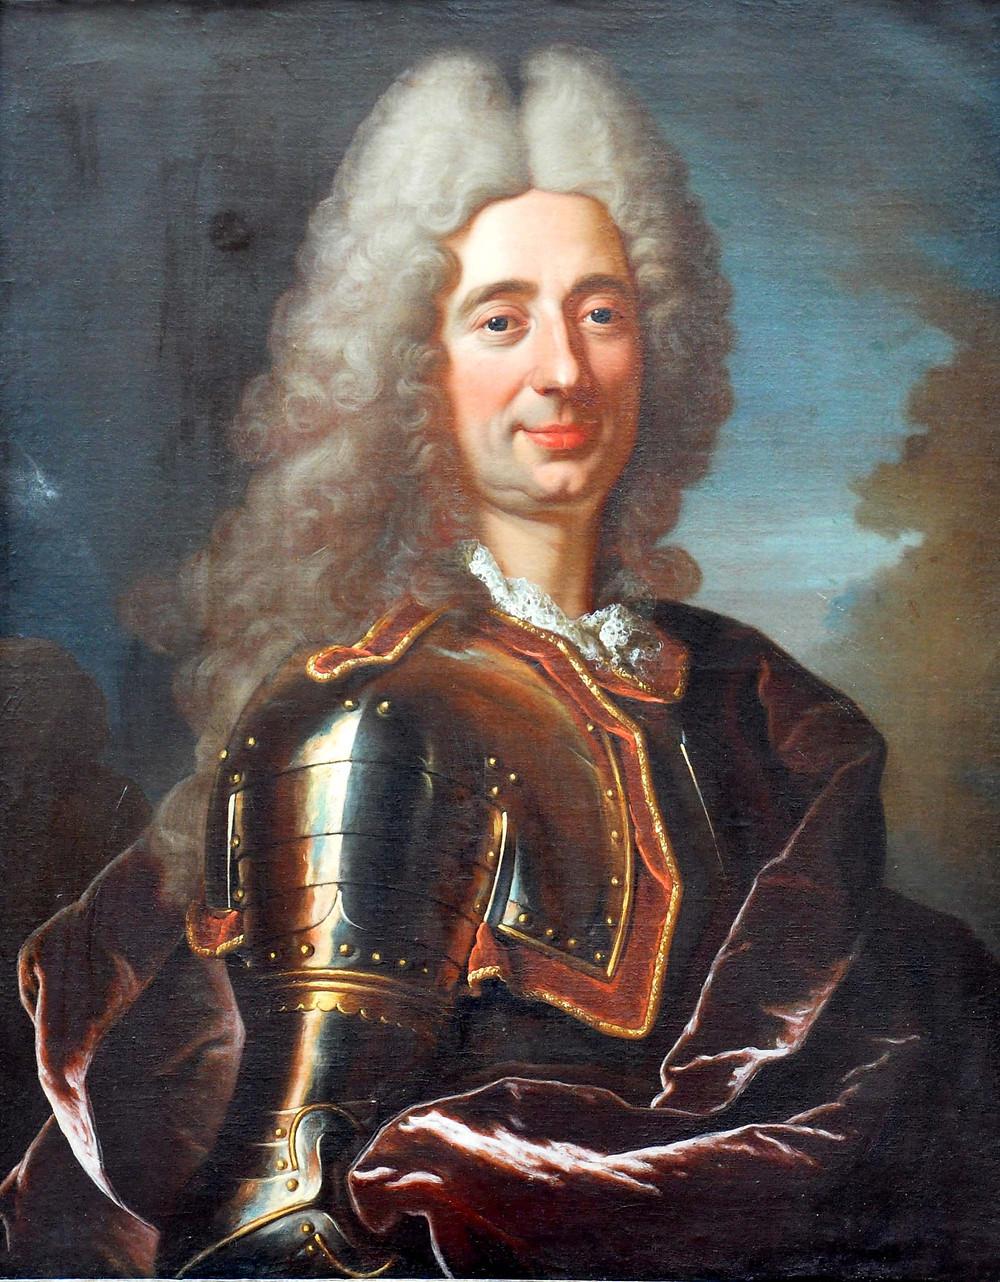 Atelier de Hyacinthe Rigaud, Portrait d'officier supérieurinconnu,vers 1715, collection particulière